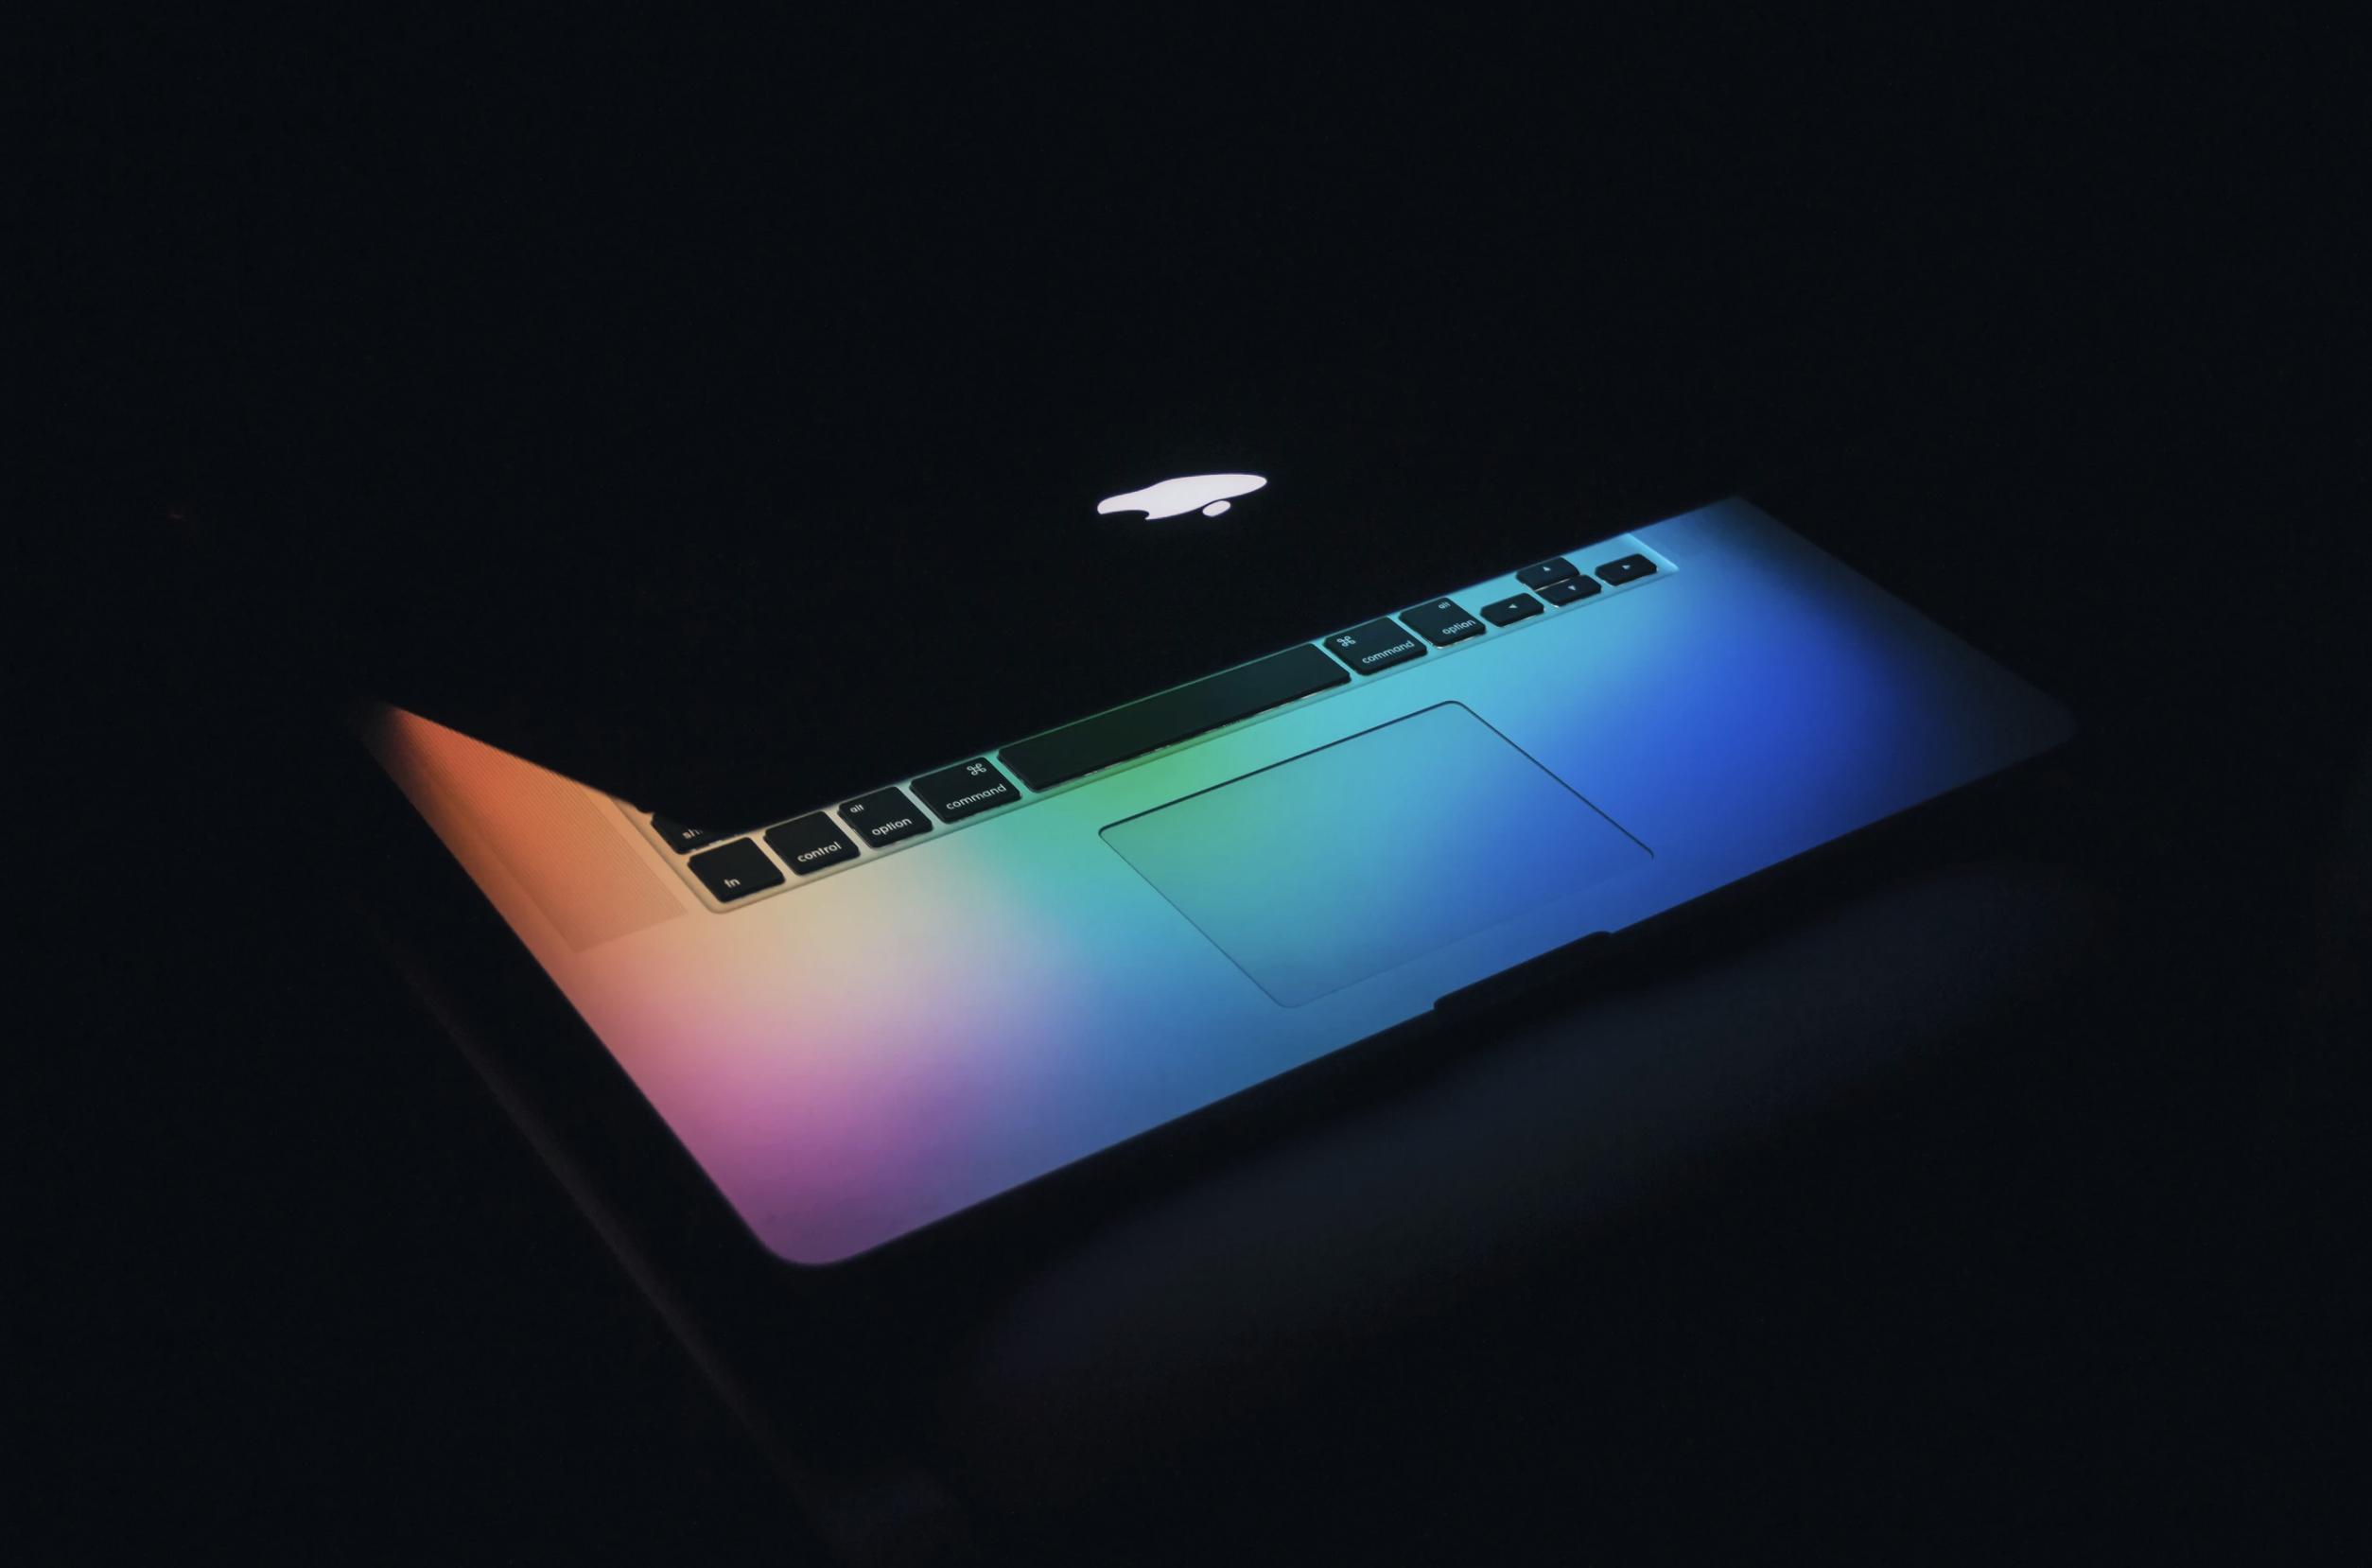 Macをブルーライトカットする3つの方法|設定・メガネ・フィルムで目を守ろう